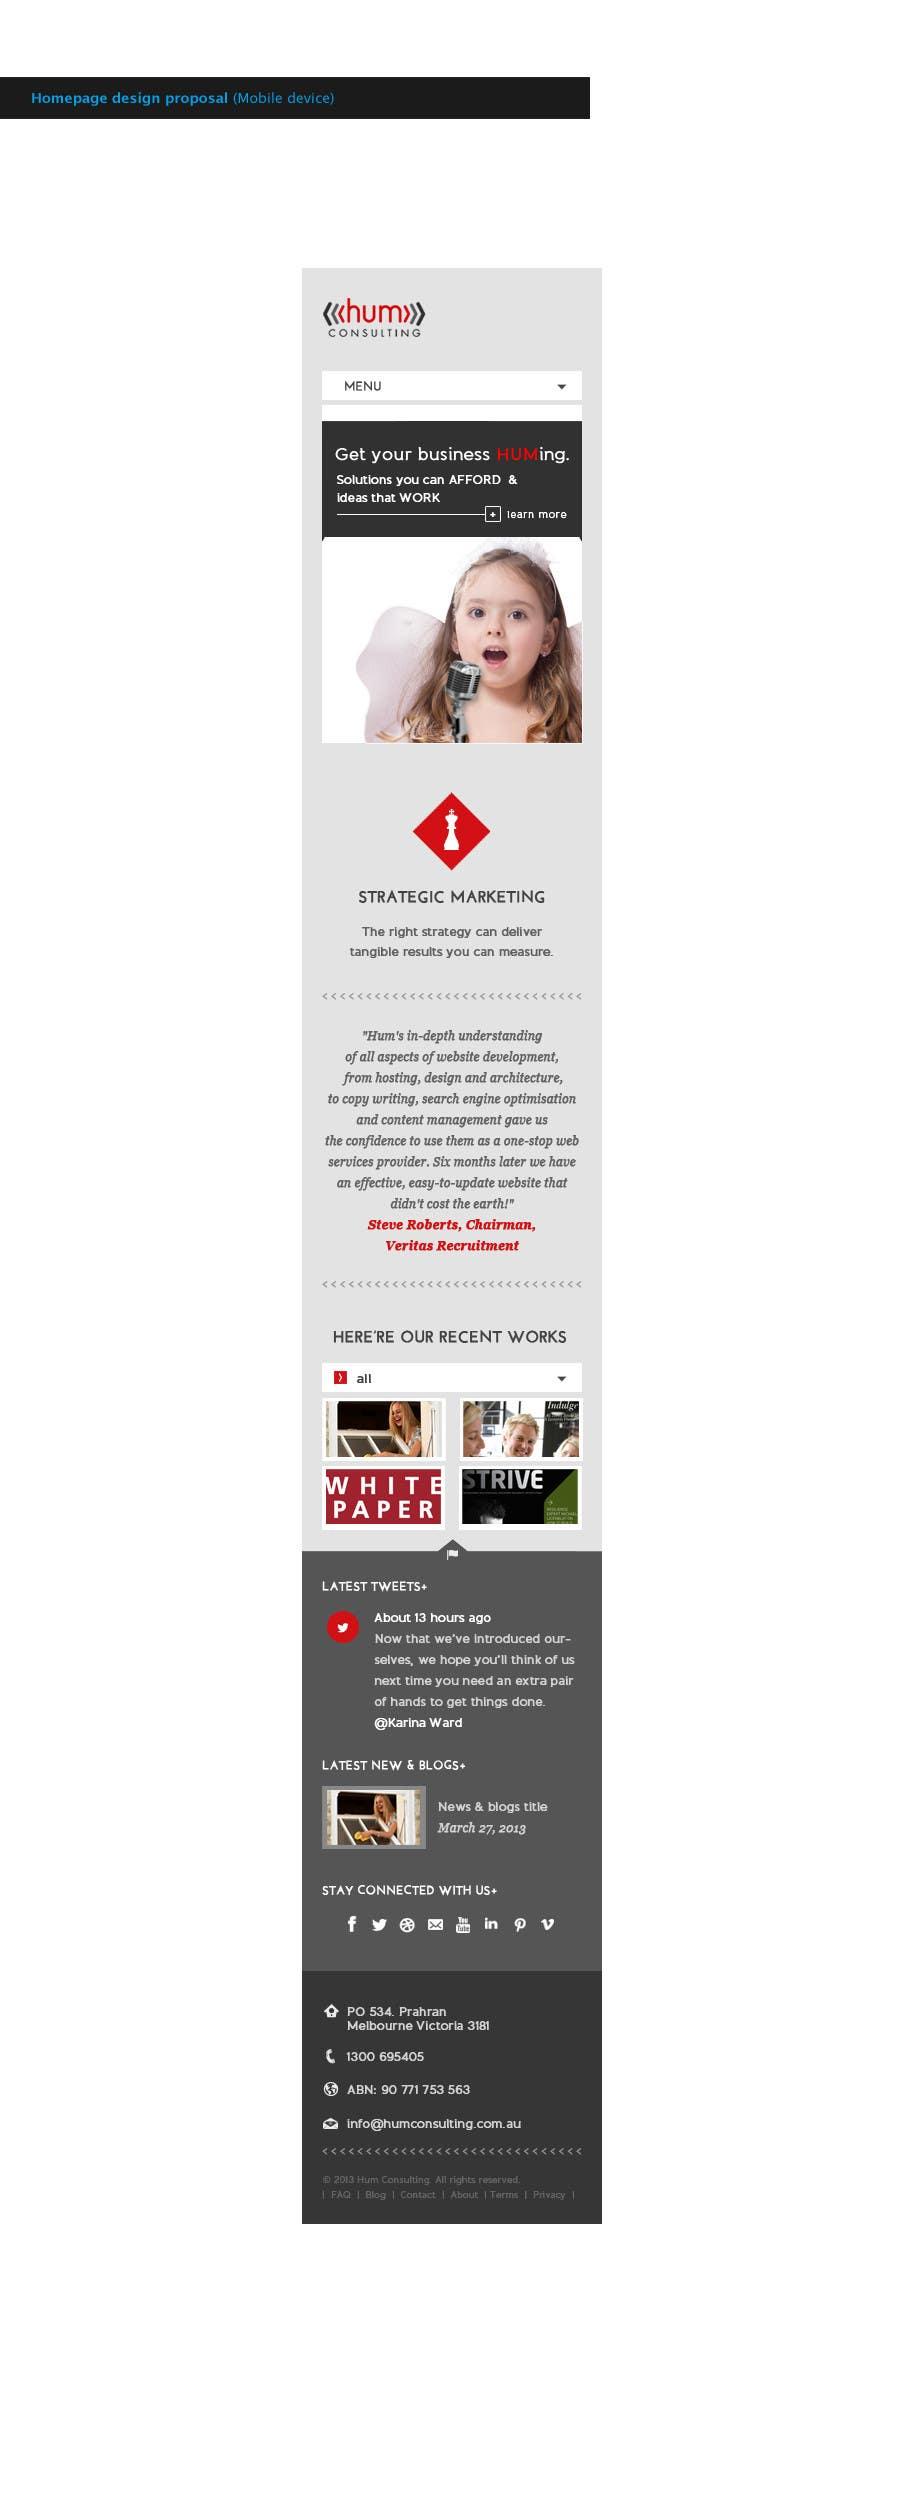 Penyertaan Peraduan #                                        43                                      untuk                                         Website Redesign for Digital Marketing Company